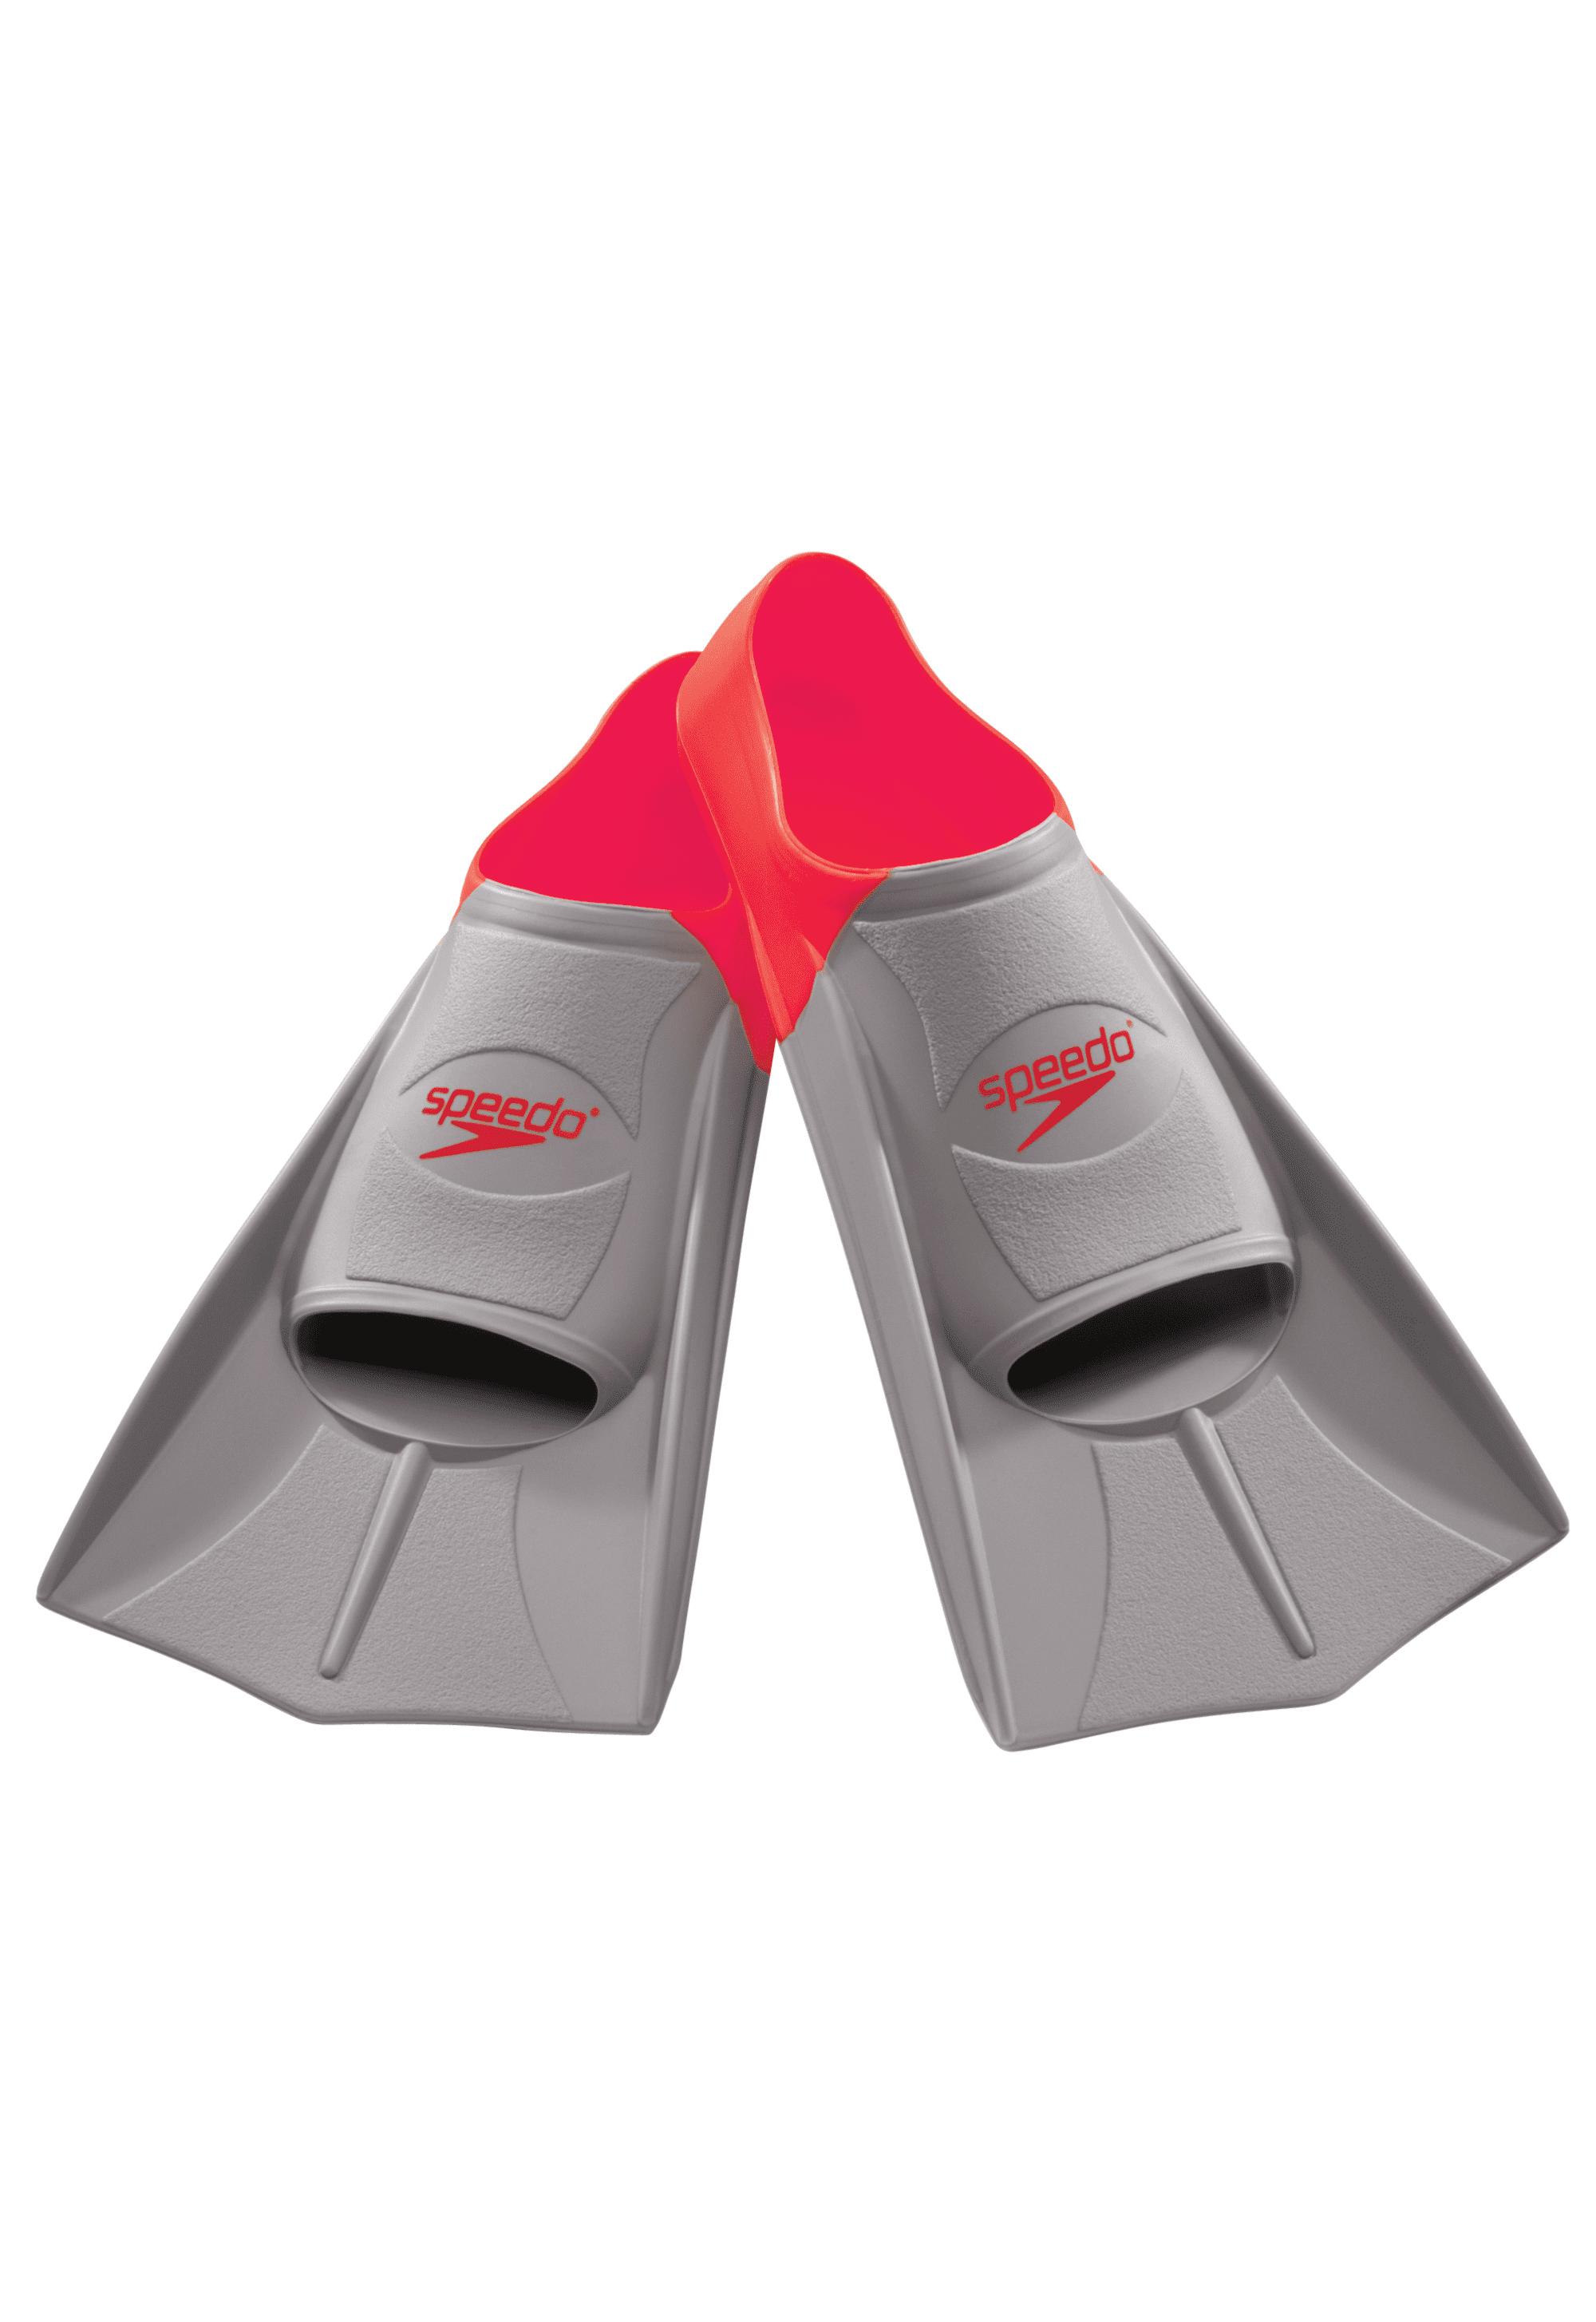 Speedo Shortblade Fins Fuschsia Red 39.99